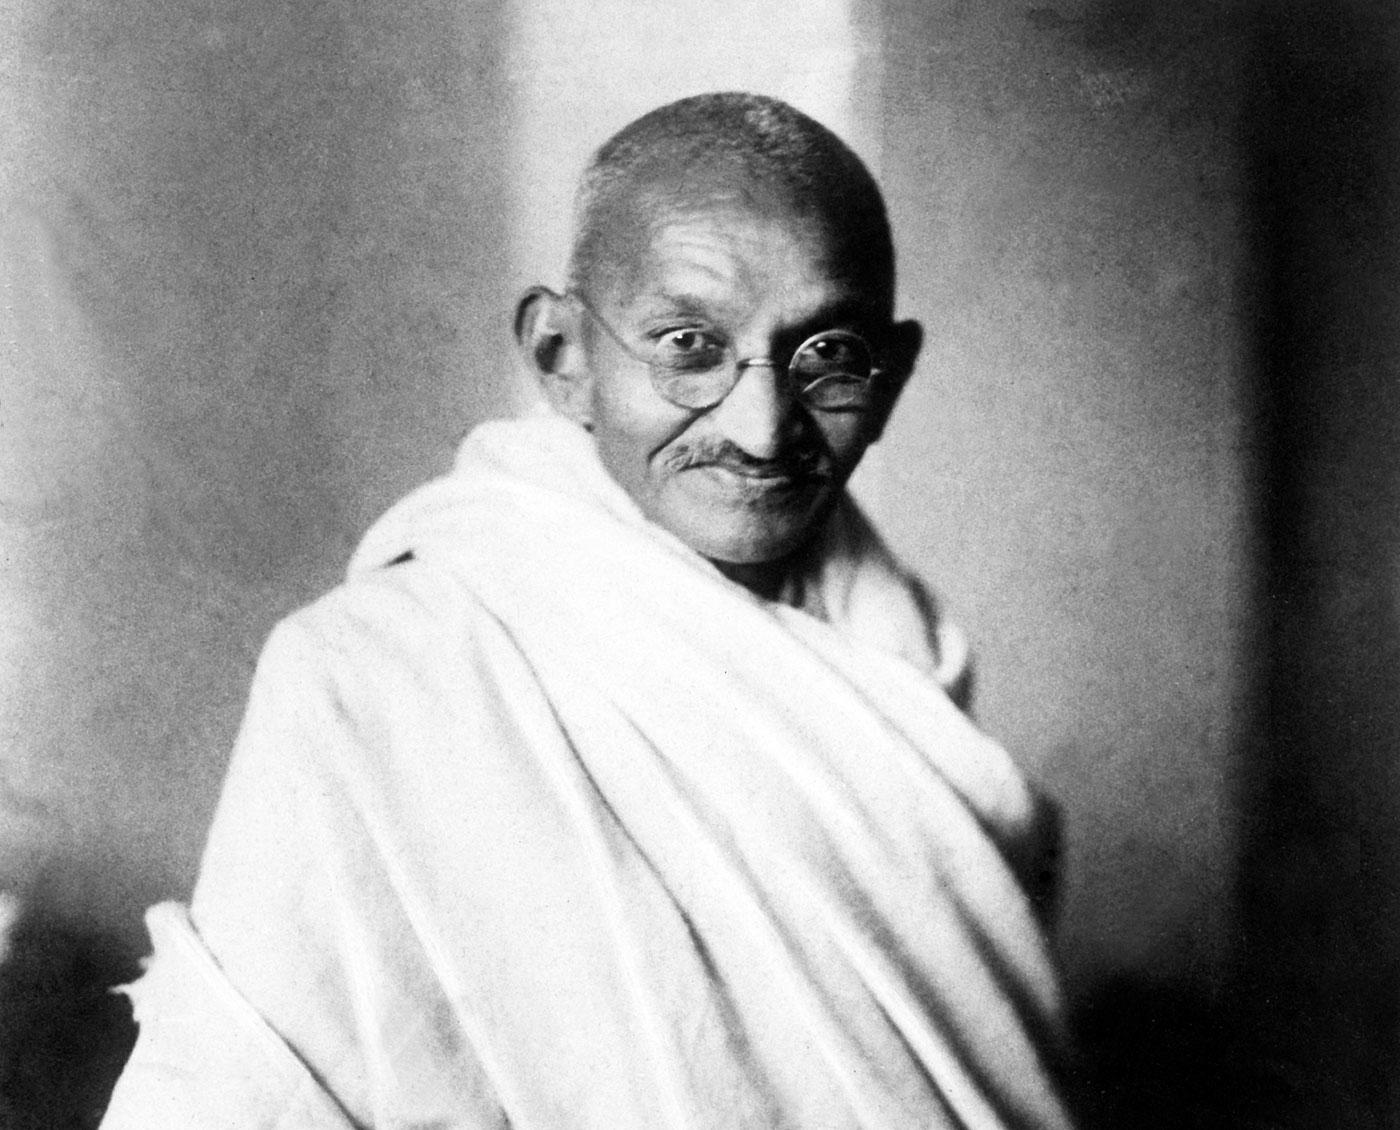 Fotografia em preto e branco de Ghandi